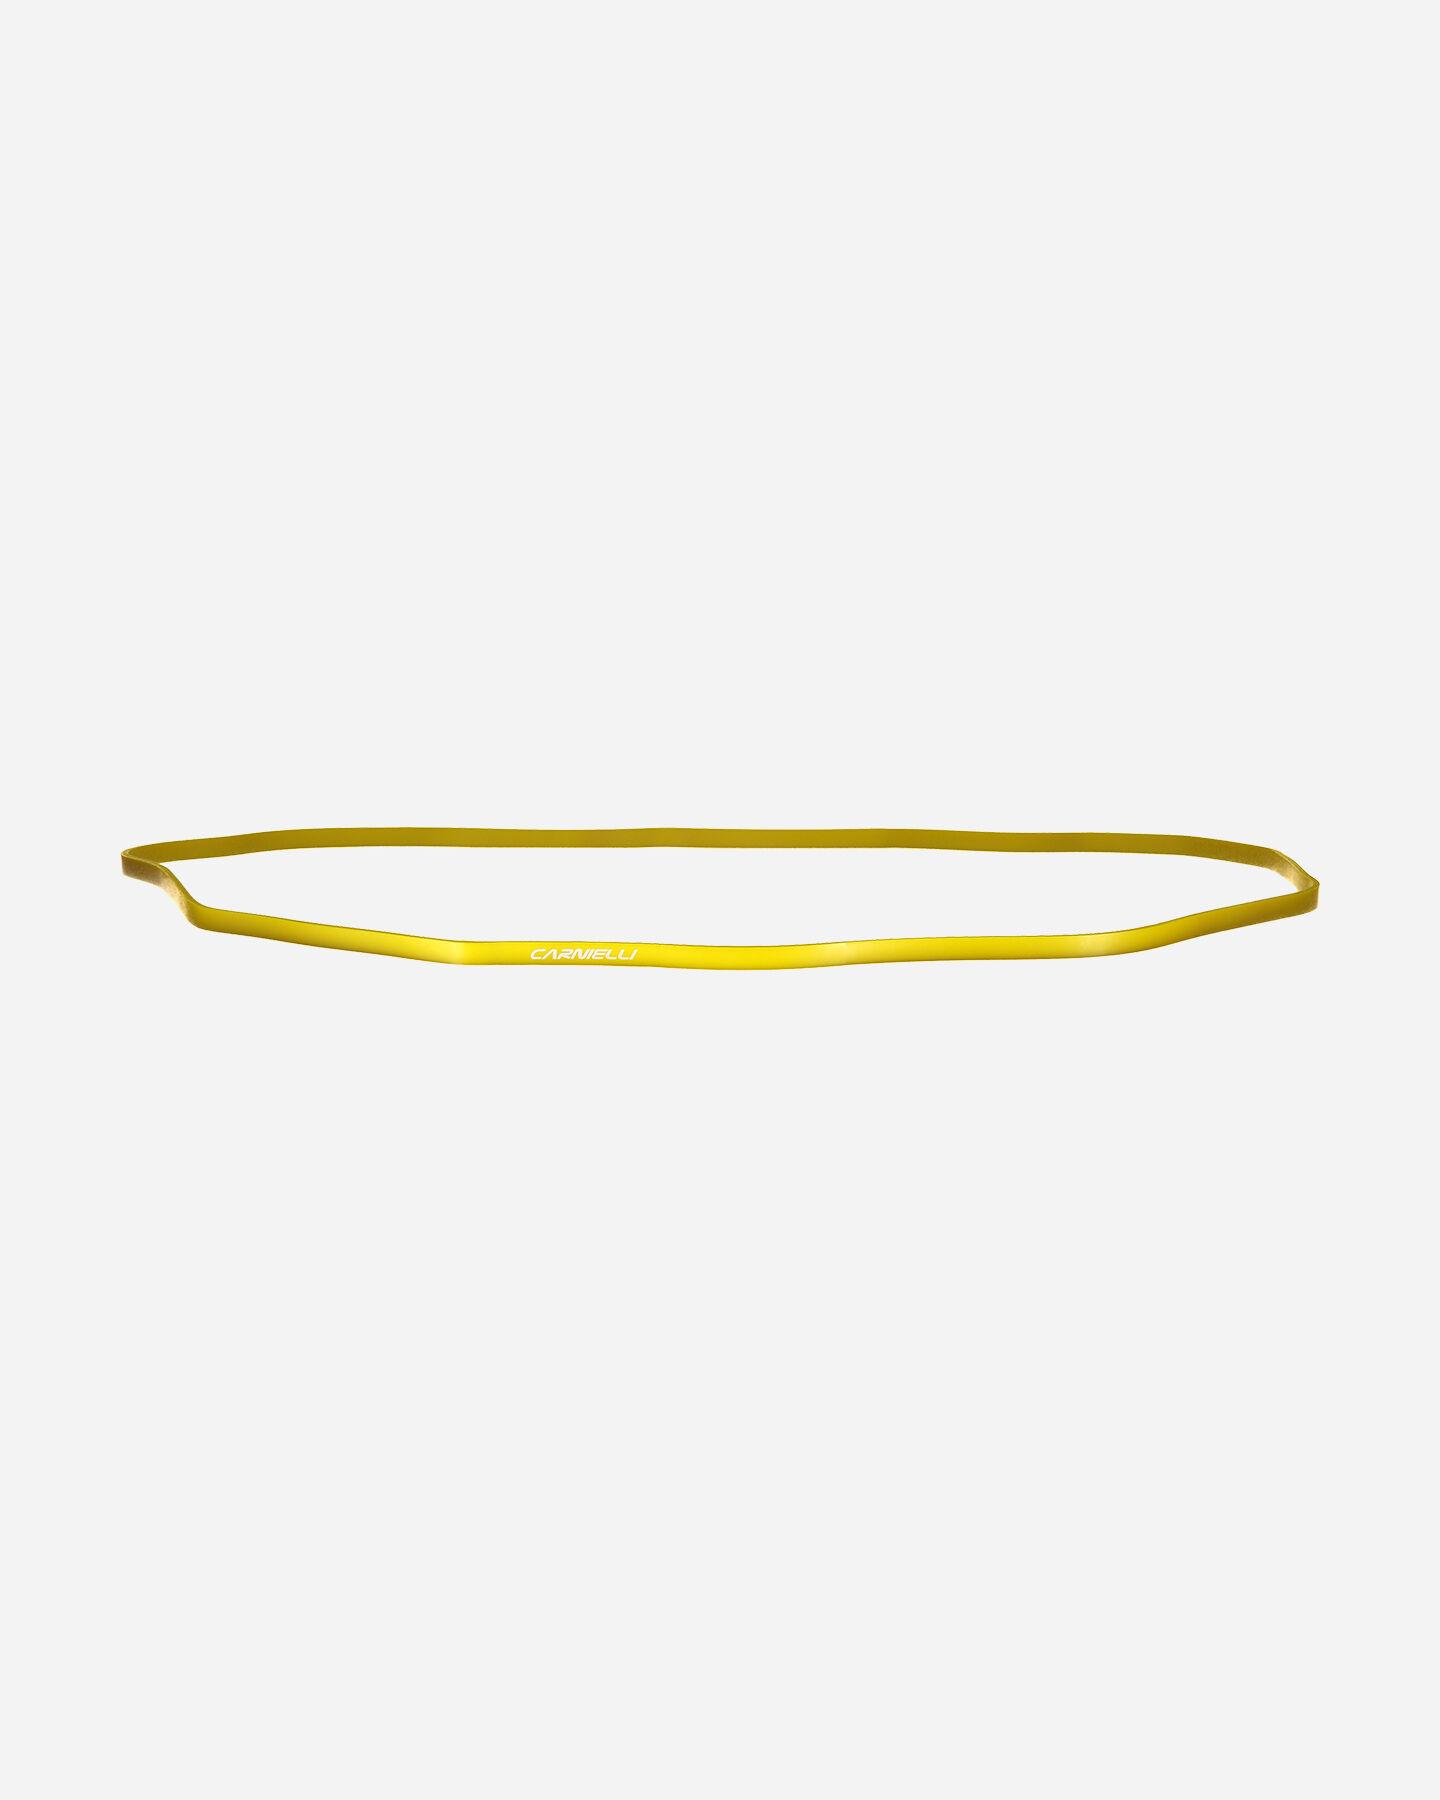 Banda elastica CARNIELLI POWER BAND 1,3 CM S5185579|300|UNI scatto 1